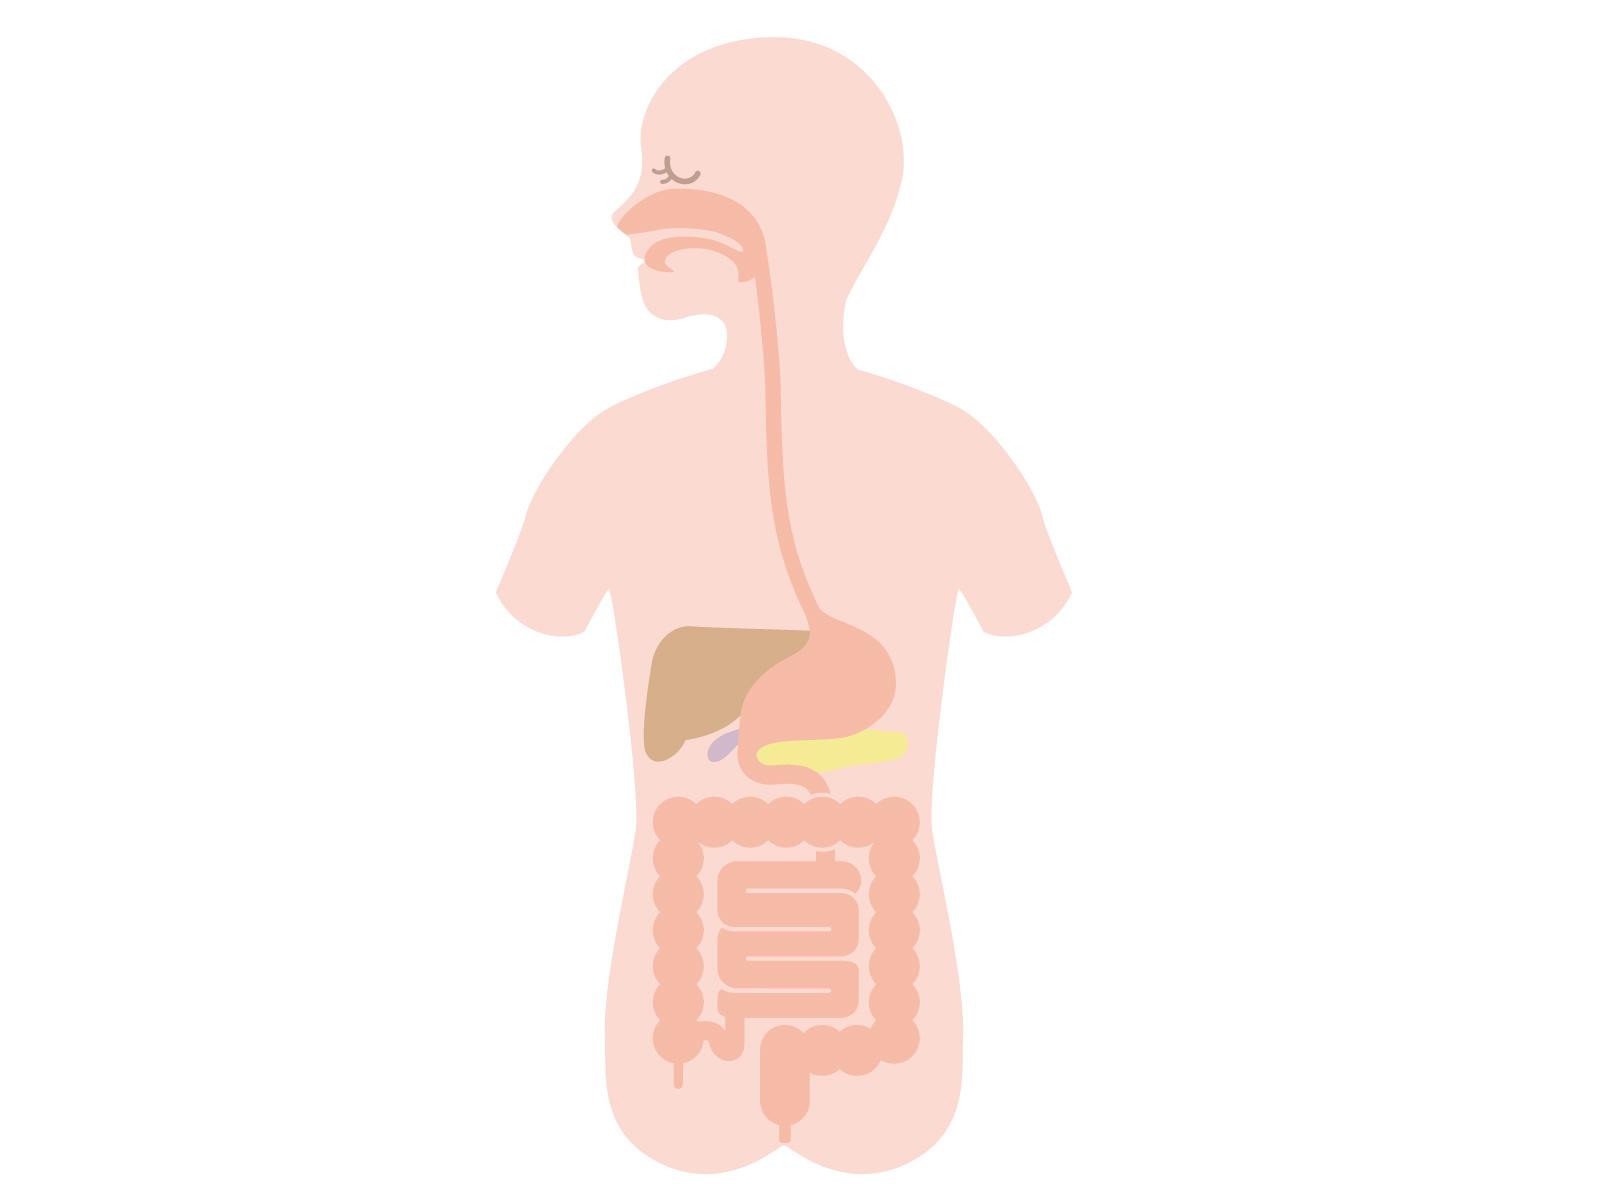 内臓への刺激